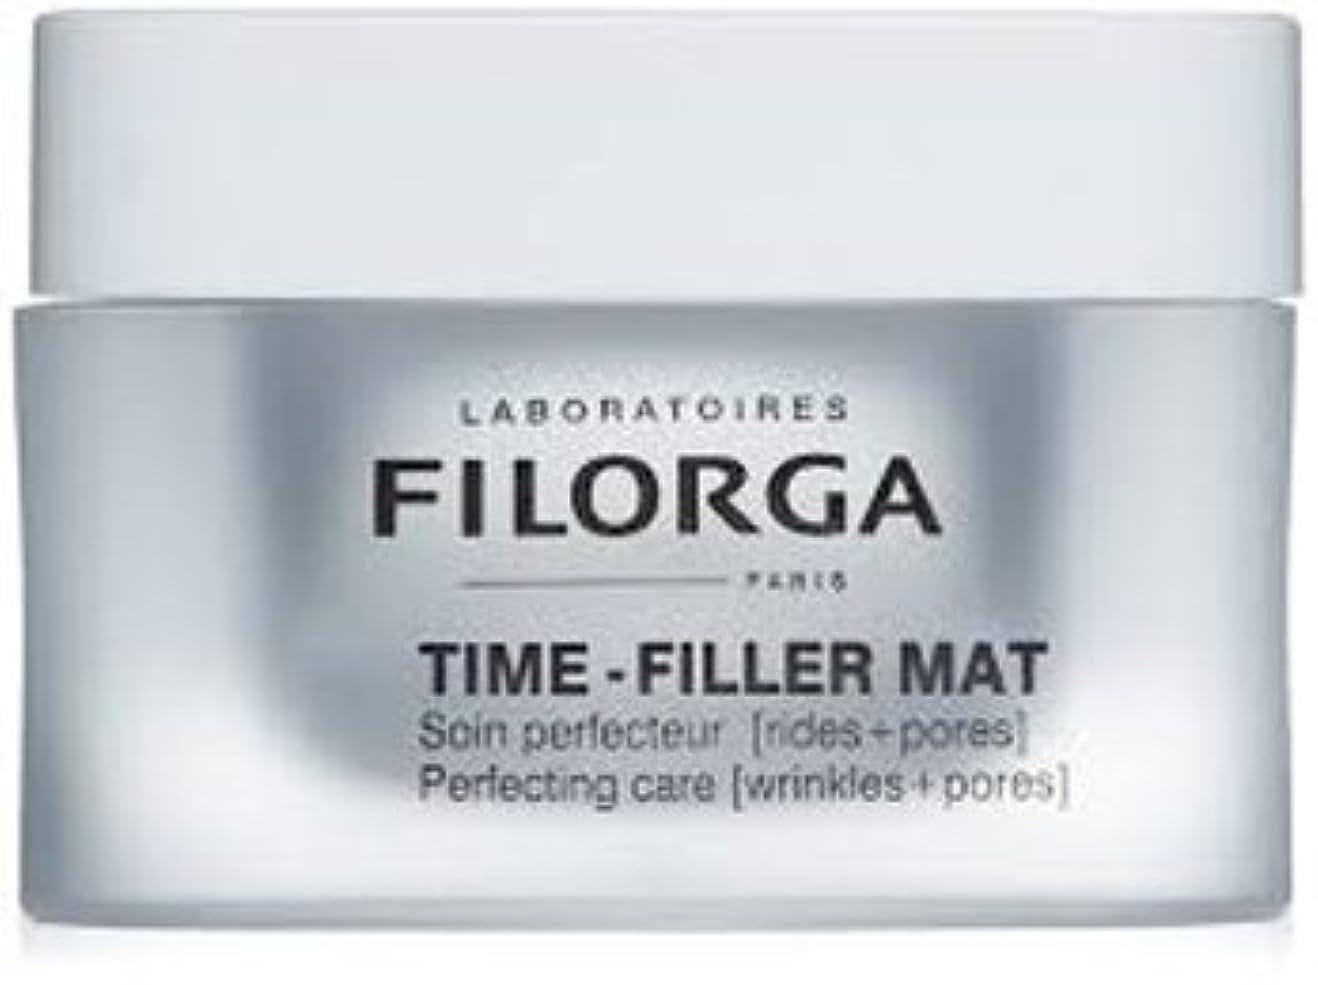 盲目アークモンク[フィロルガ] タイムフィラーMAT TIME FILLER MAT 50ml [海外直送品][フランス直送品] [並行輸入品]